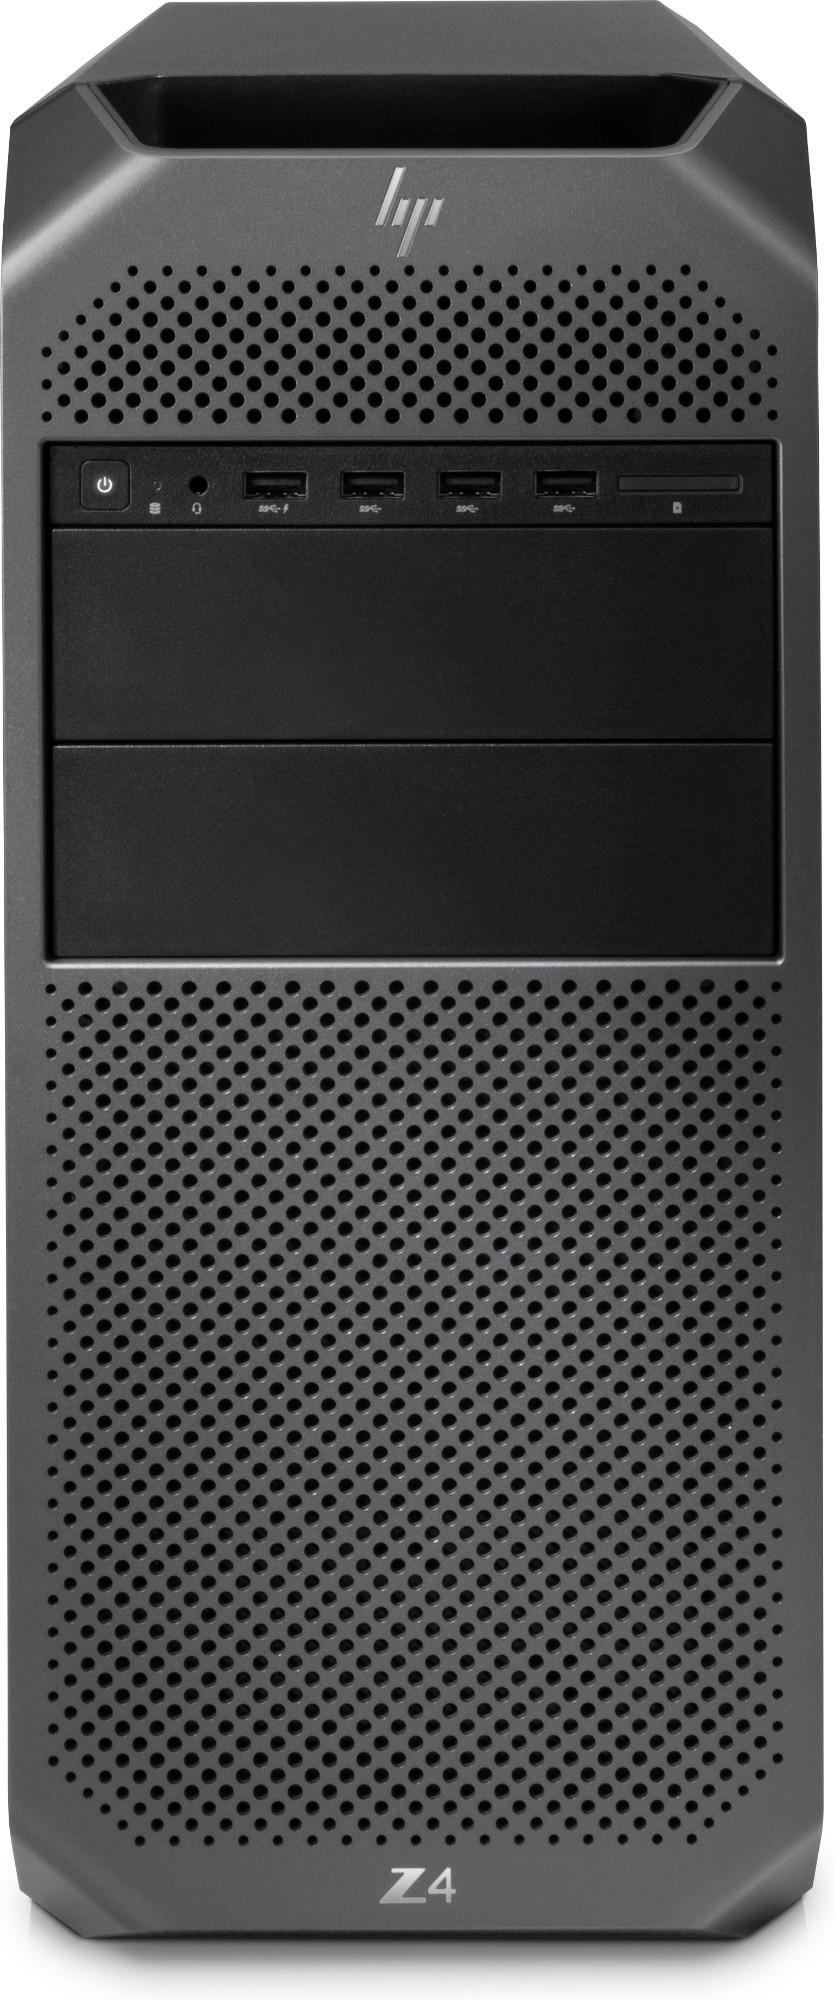 HP Z4 G4 DDR4-SDRAM i9-10940X Tower Intel® Core™ i9 X-series 16 GB 512 GB SSD Windows 10 Pro Workstation Black